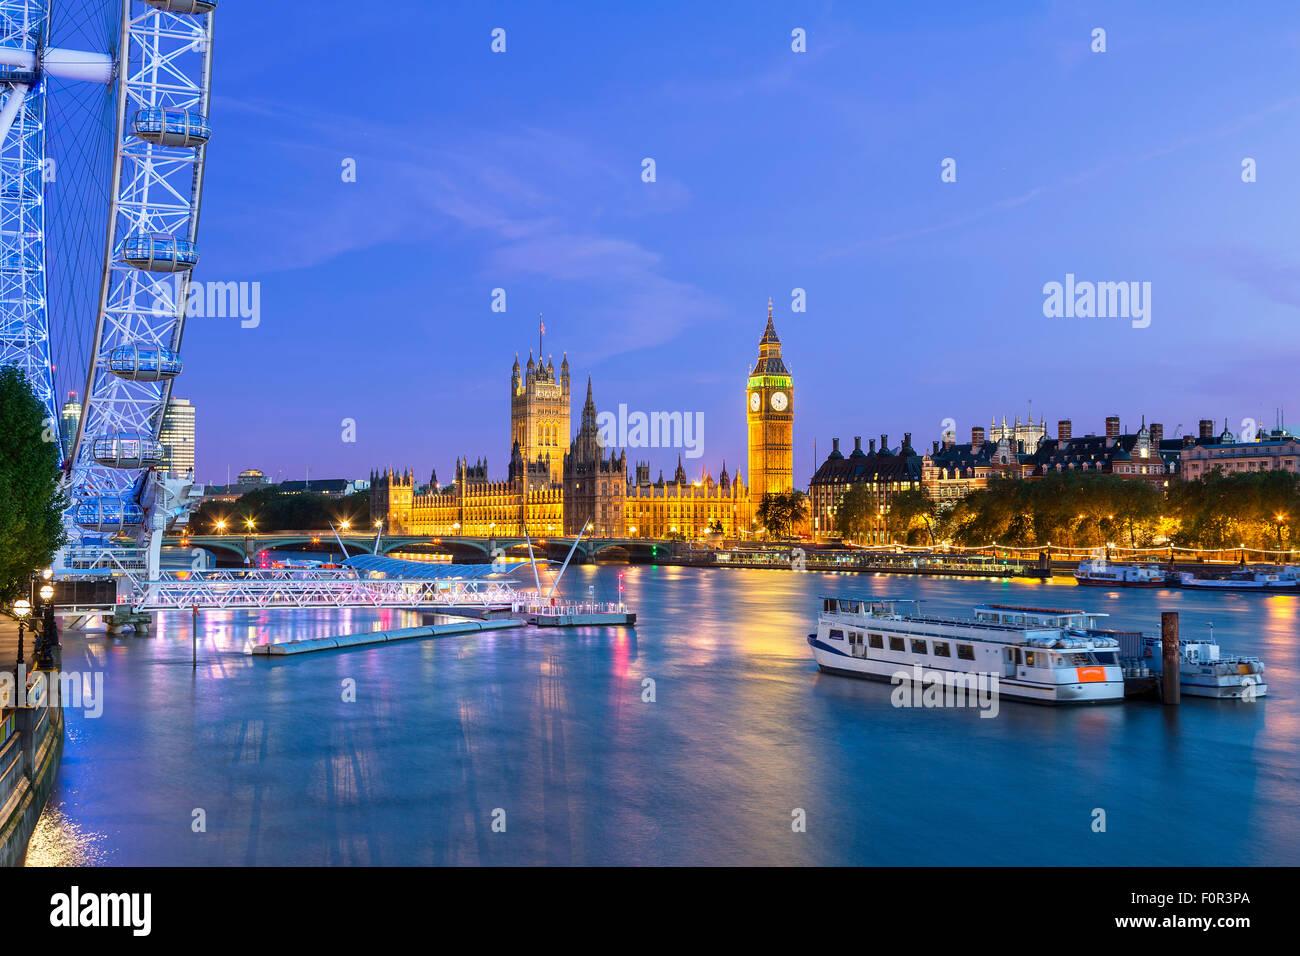 Inghilterra, lo skyline di Londra al tramonto Immagini Stock